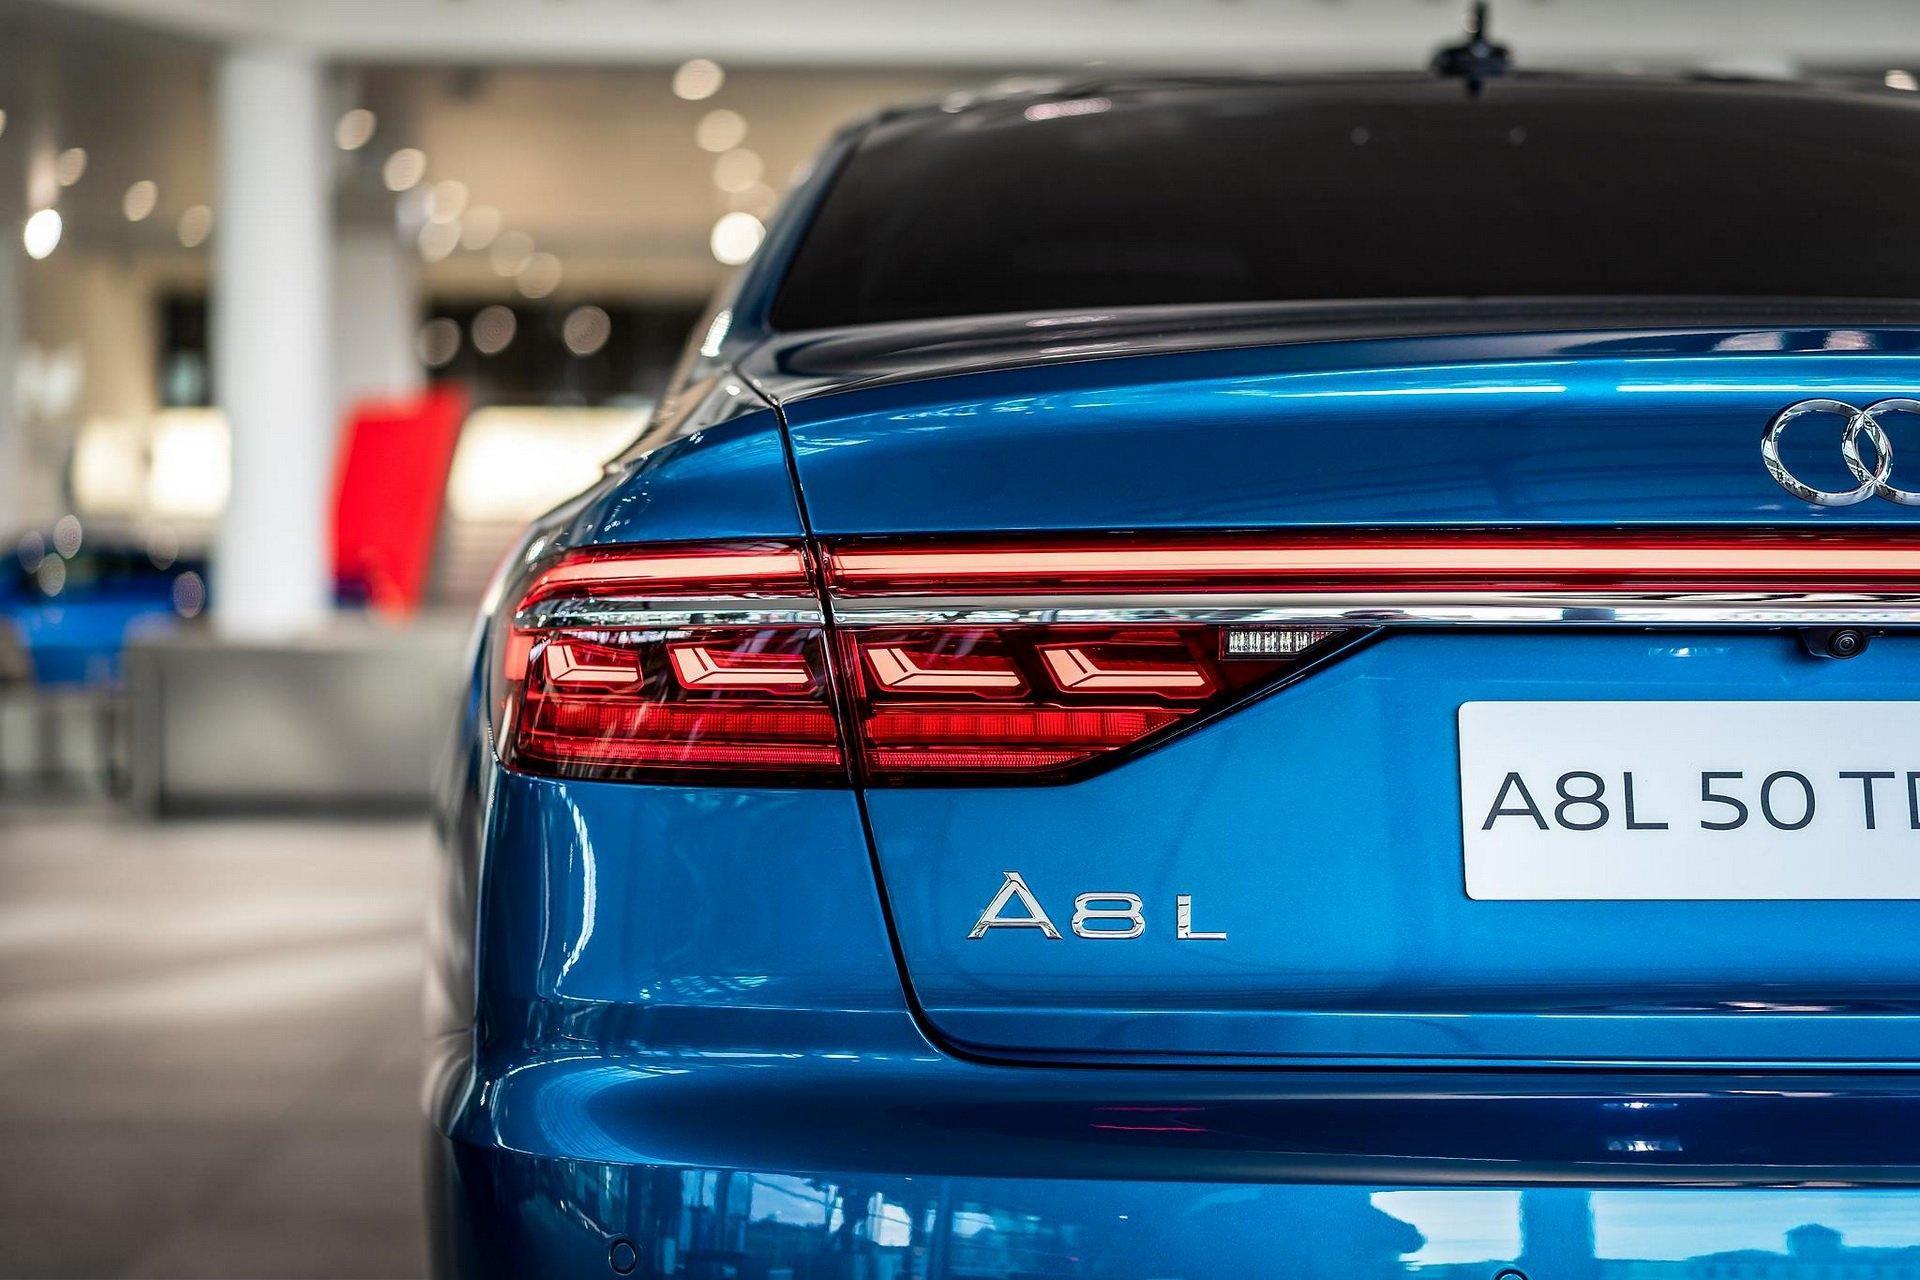 Audi A8 với màu sơn độc quyền trị giá gần 80 triệu đồng Ảnh 2